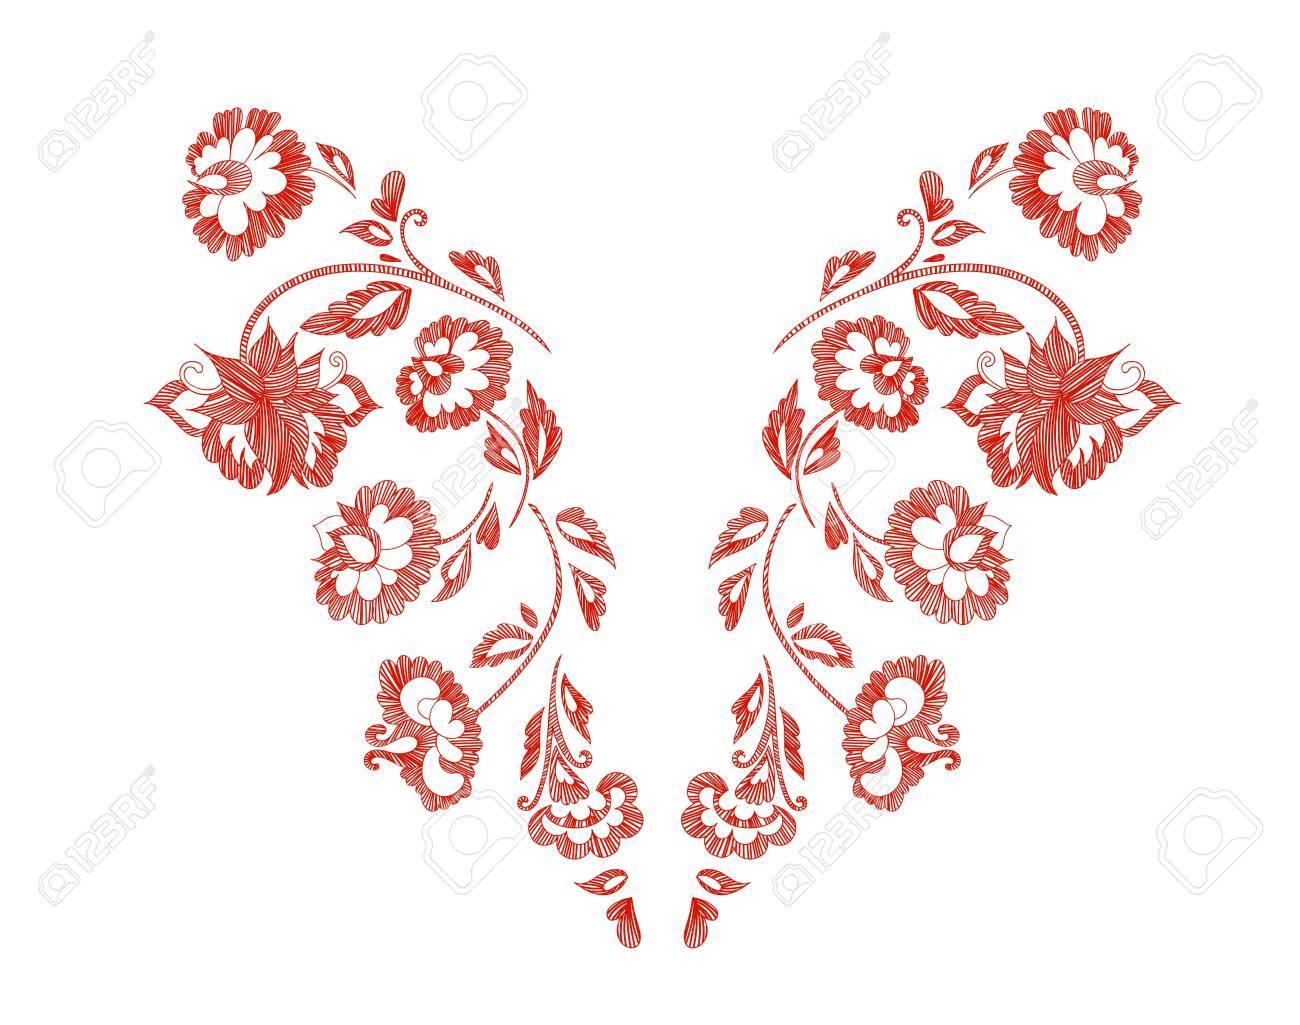 花柄、首ラインを設計します。ベクトル イラスト手描き。ファンタジーの